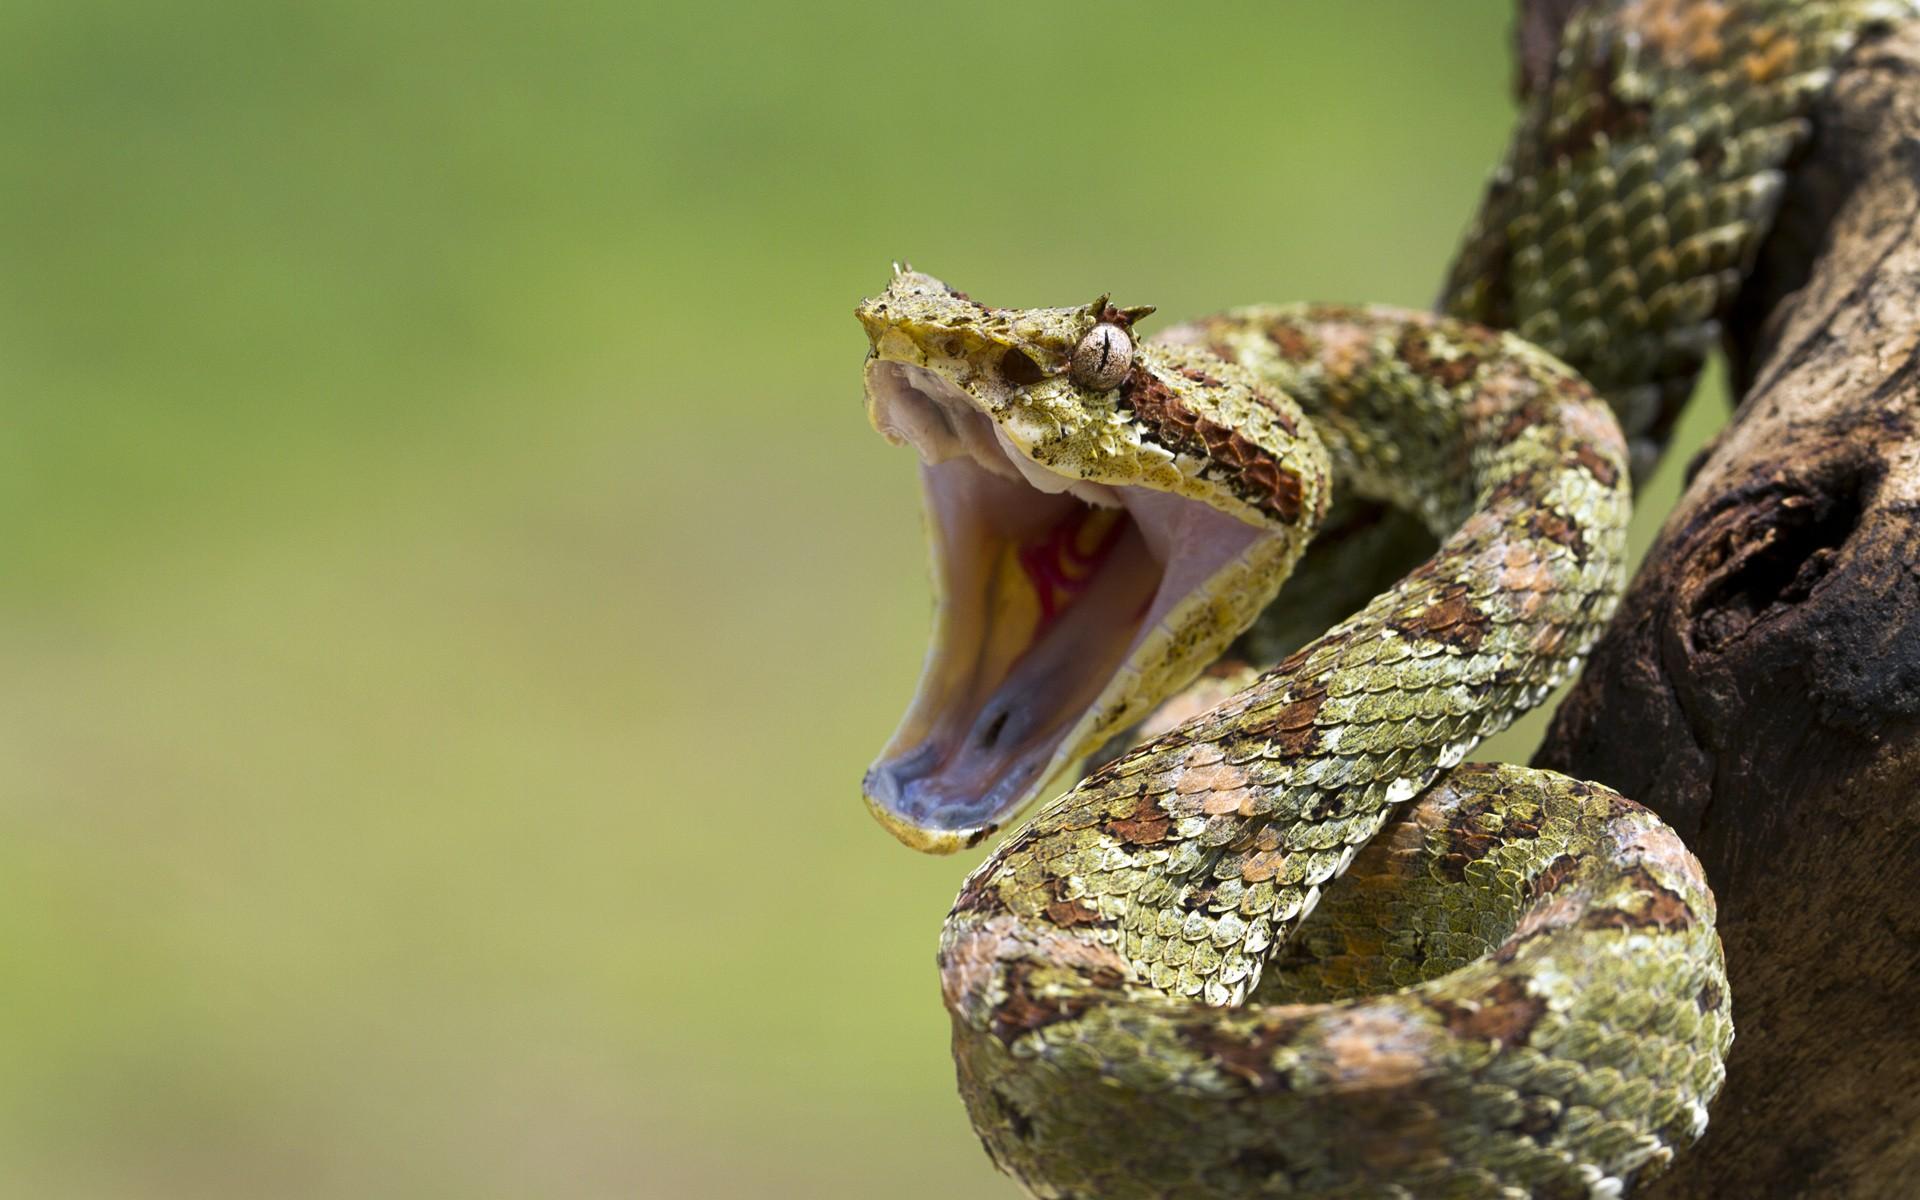 Serpientes con boca abierta - 1920x1200